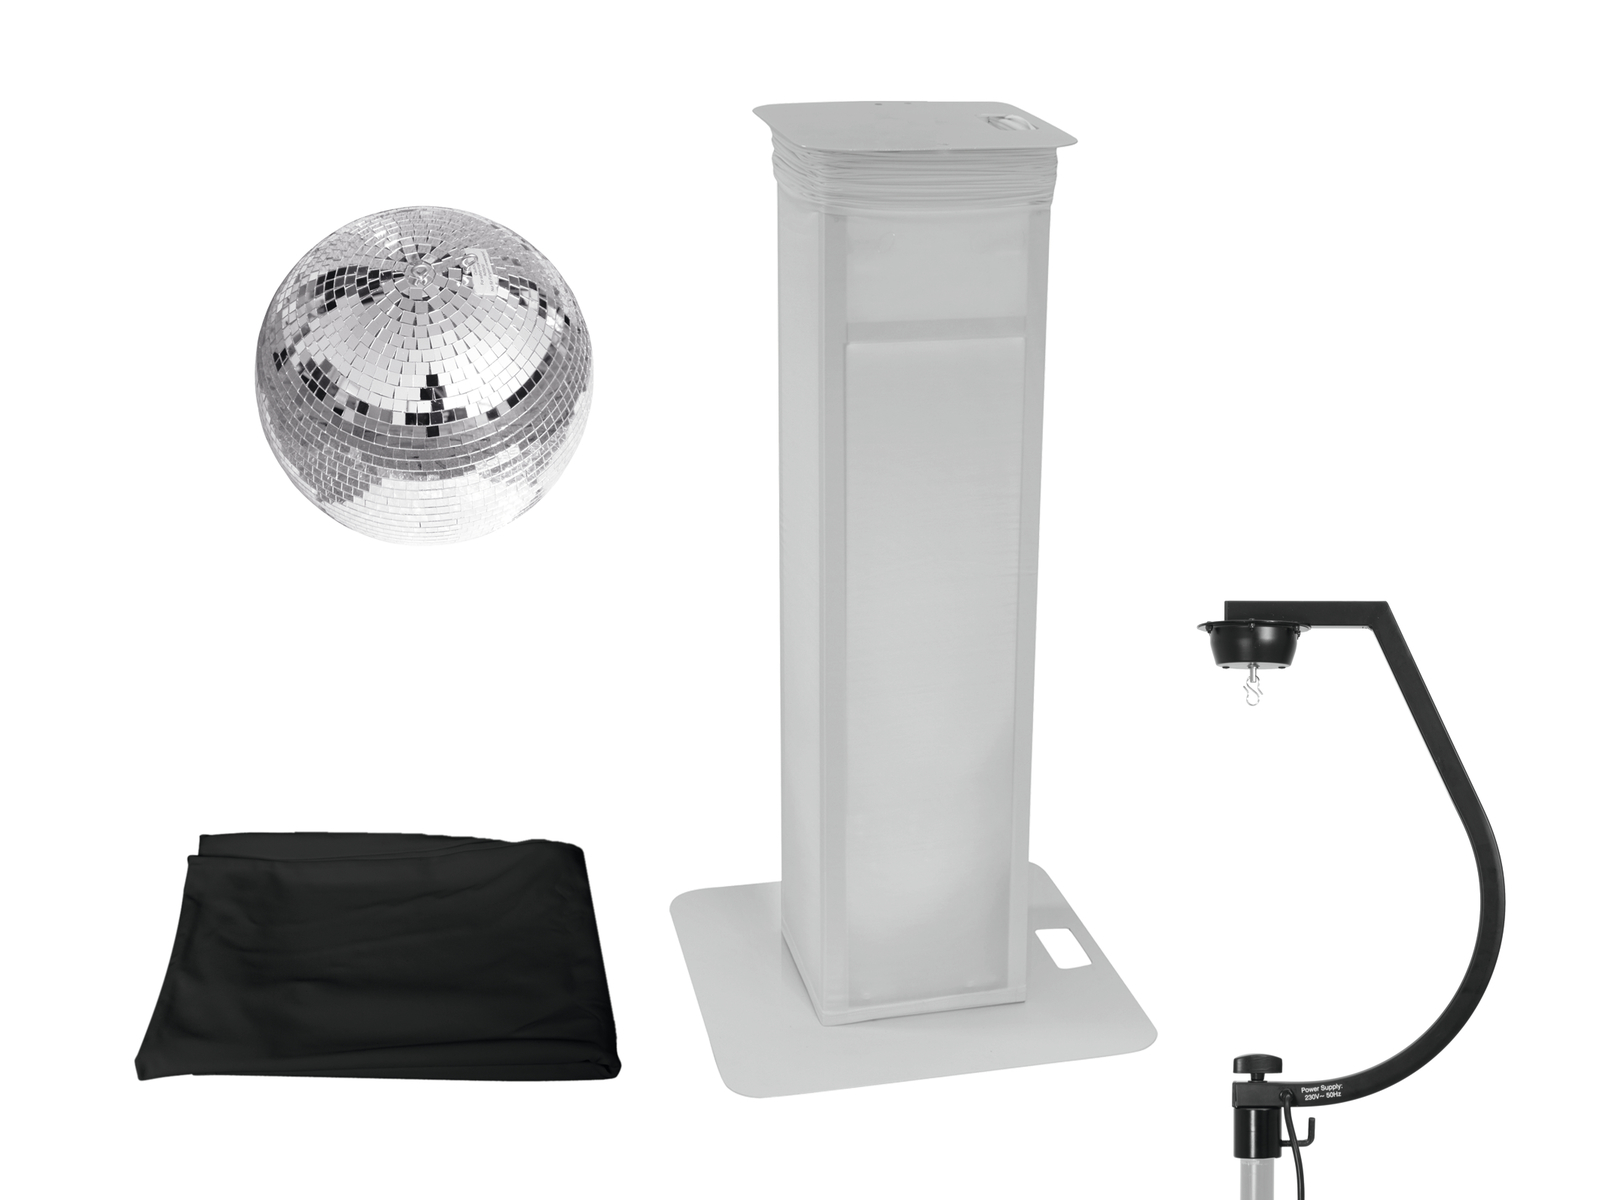 EUROLITE Set Spiegelkugel 30cm mit Stage Stand variabel + Cover schwarz